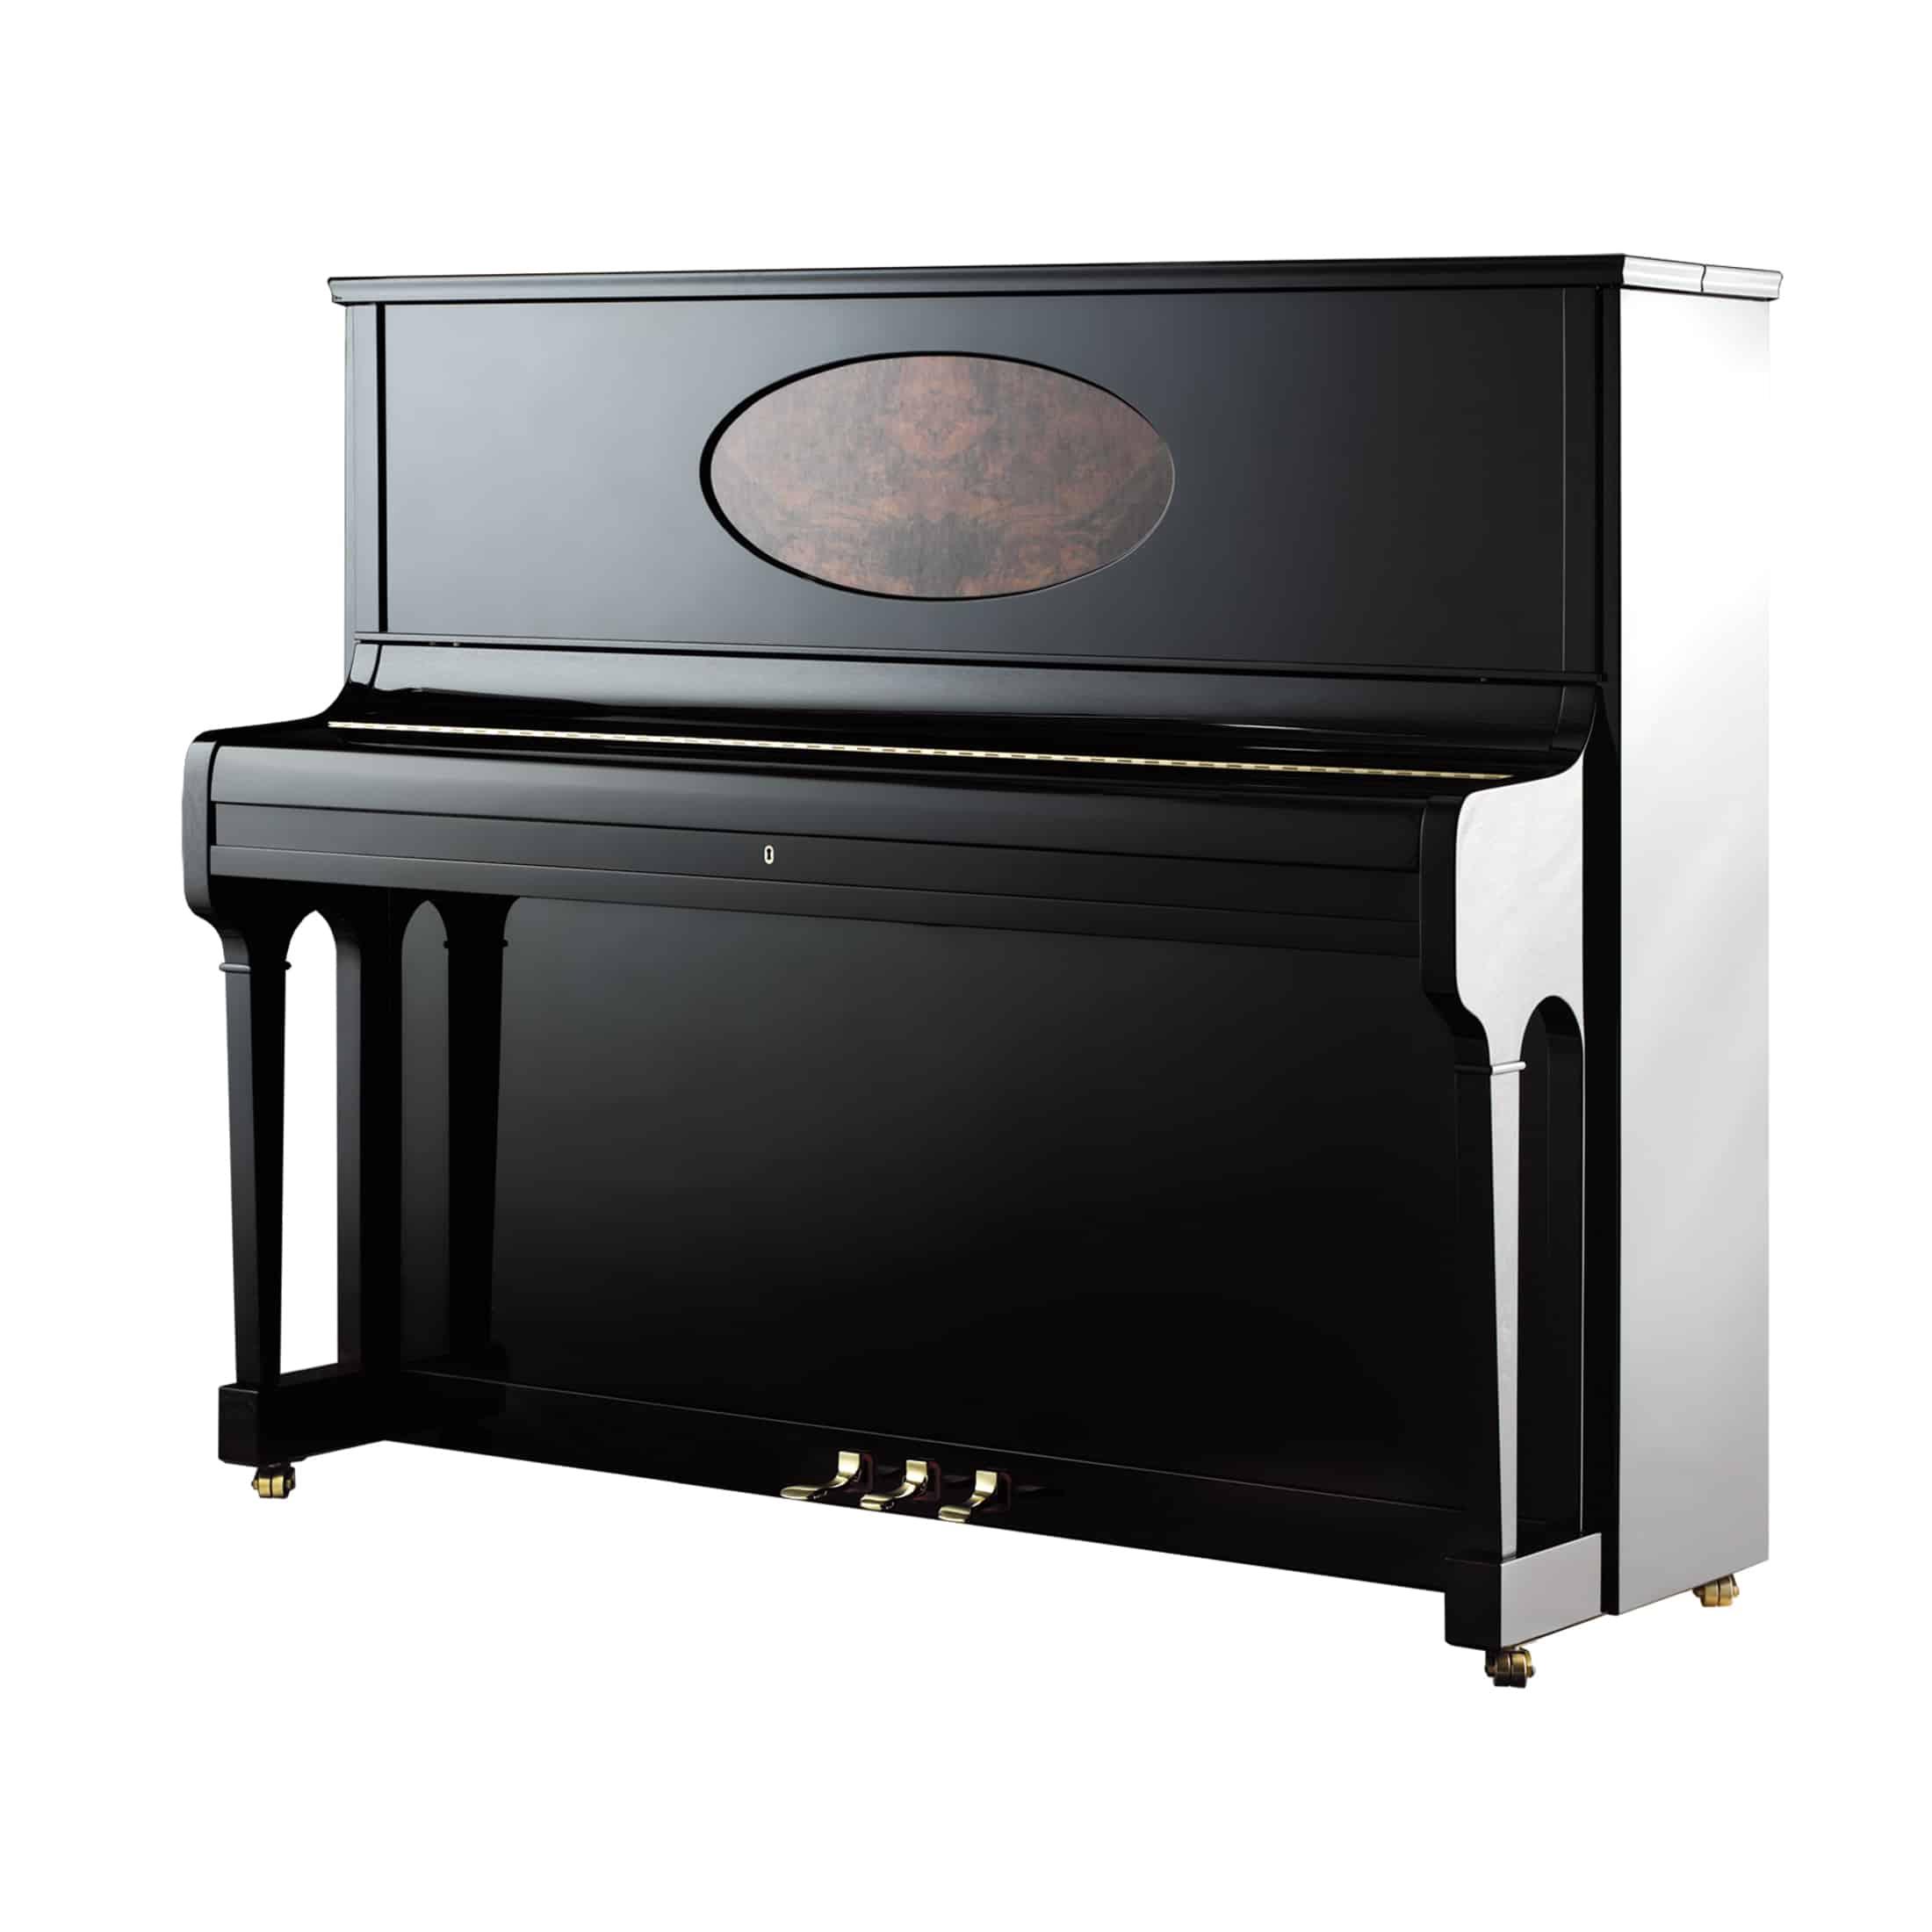 August Förster Klavier 125 G mit Medaillon